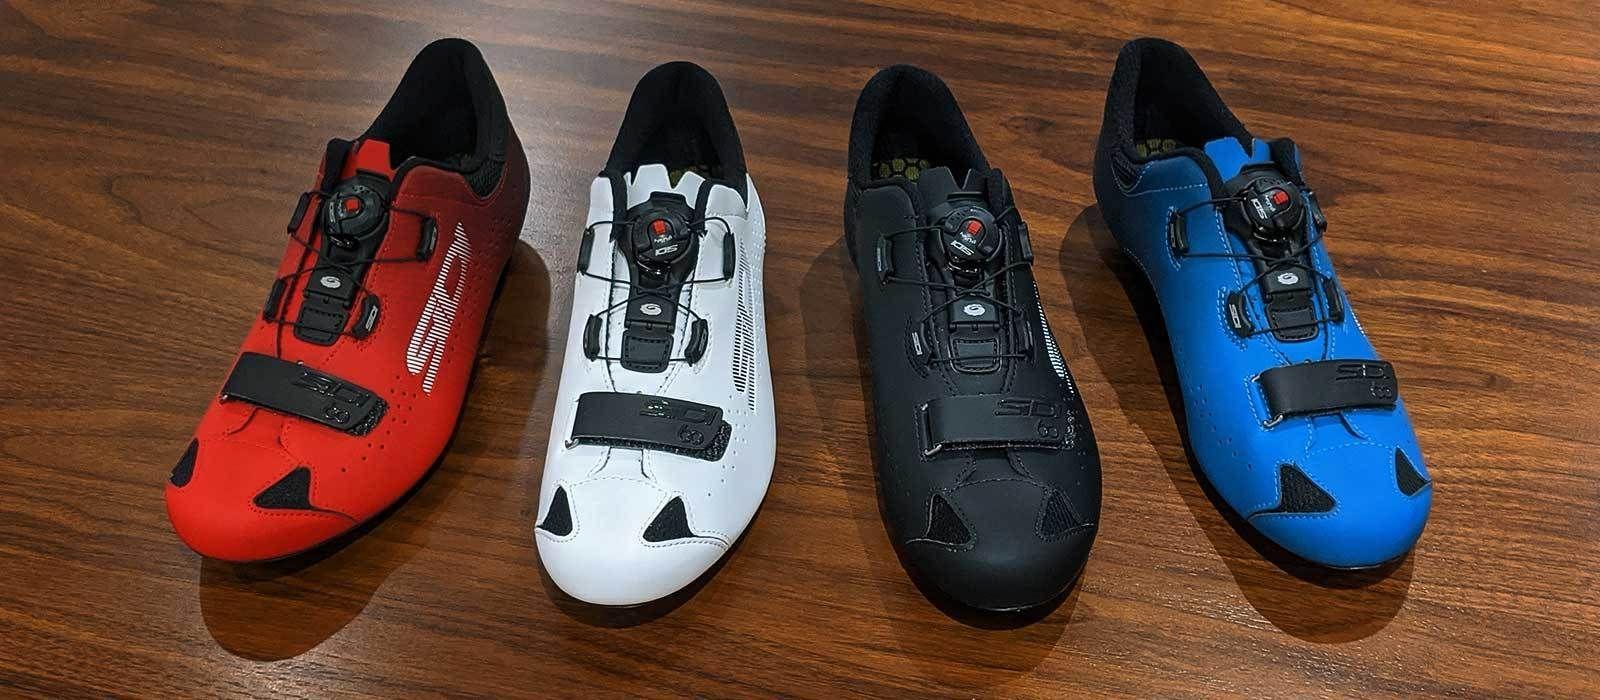 SIDI SIXTY ROAD SHOE SNEAK PEEK Cycling shoes, Sports